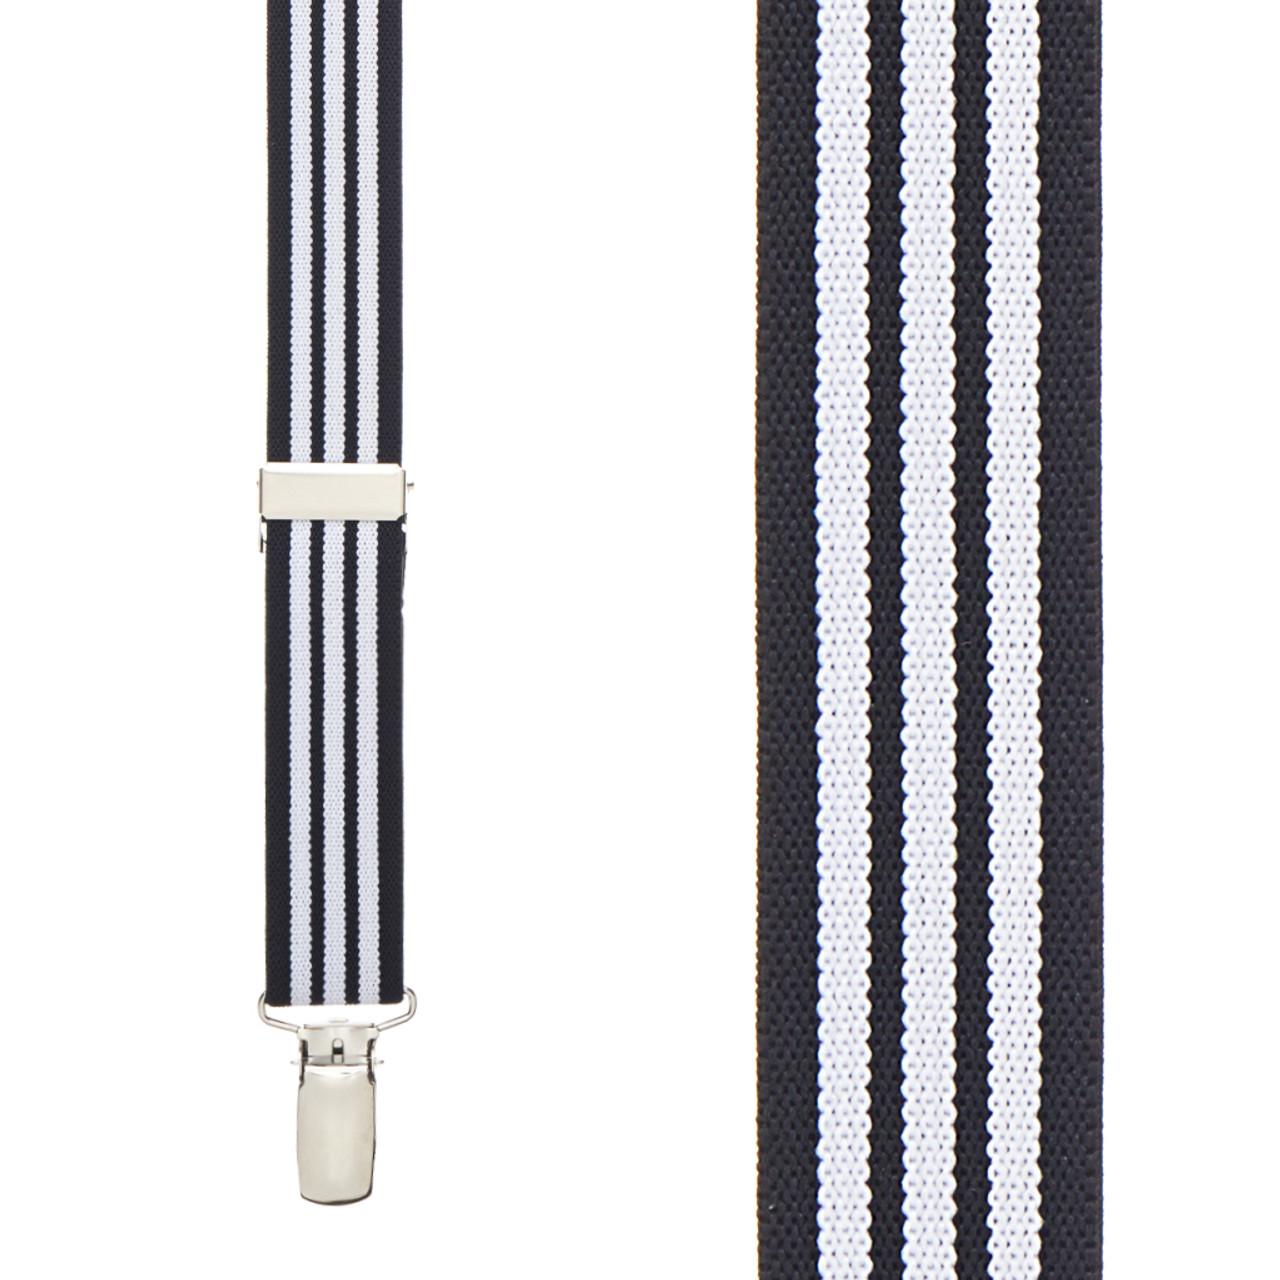 Black and White Wide Stripe Tuxedo Suspenders